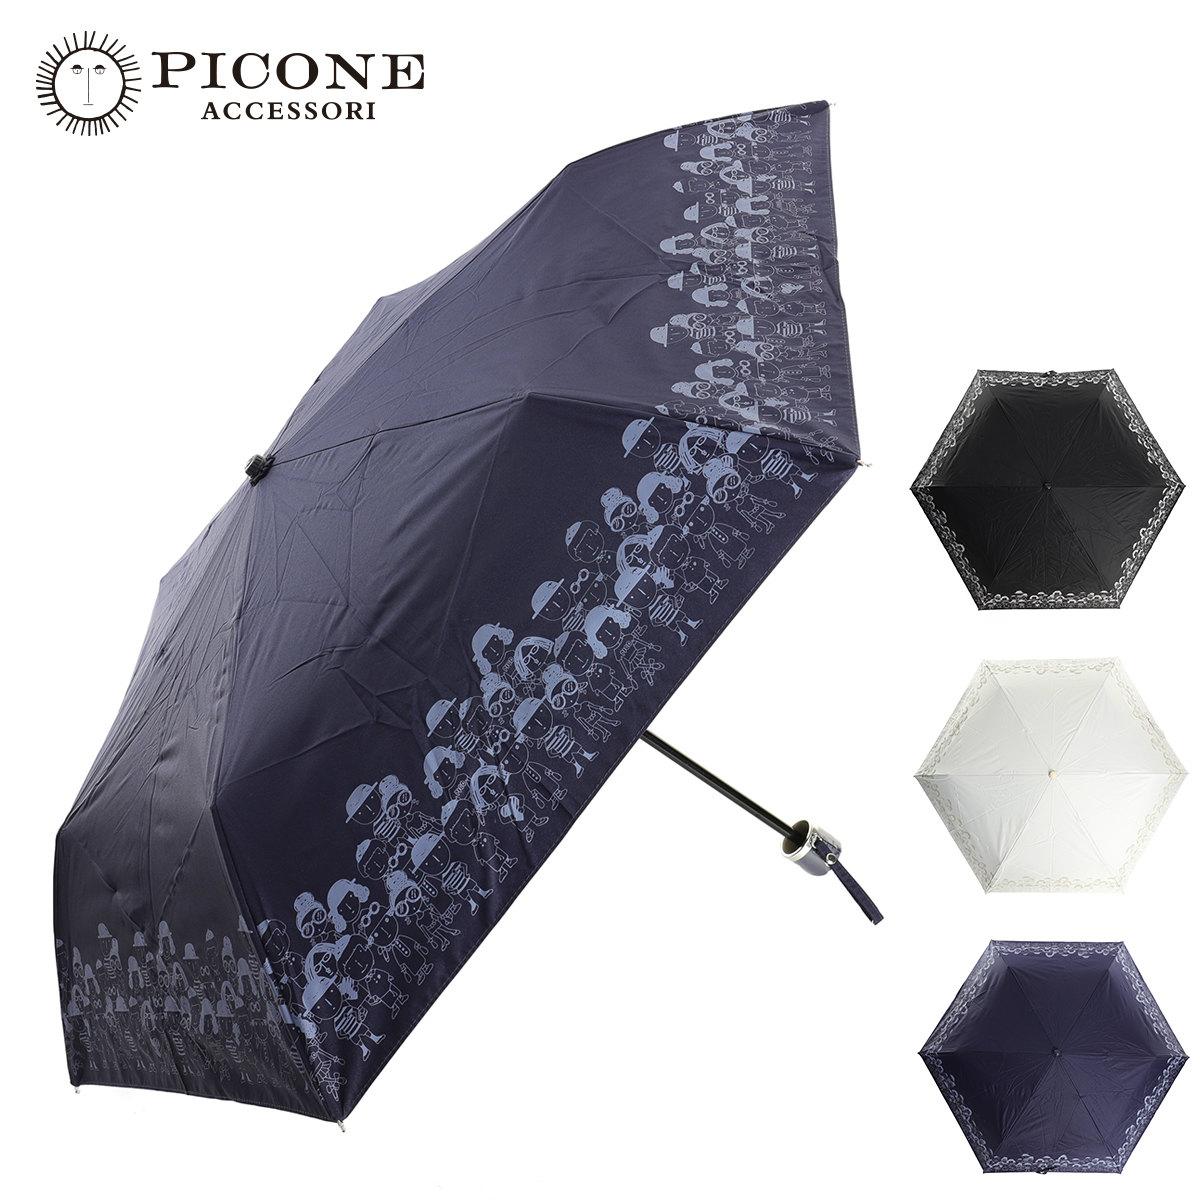 【キャッシュレス還元】 ピッコーネ アッチェッソーリ 晴雨兼用傘 | おしゃれ かわいい 日傘 雨傘 コンパクト折りたたみ傘 外袋付き ファミリー柄 ギフト プレゼント ファッション ファッショングッズ